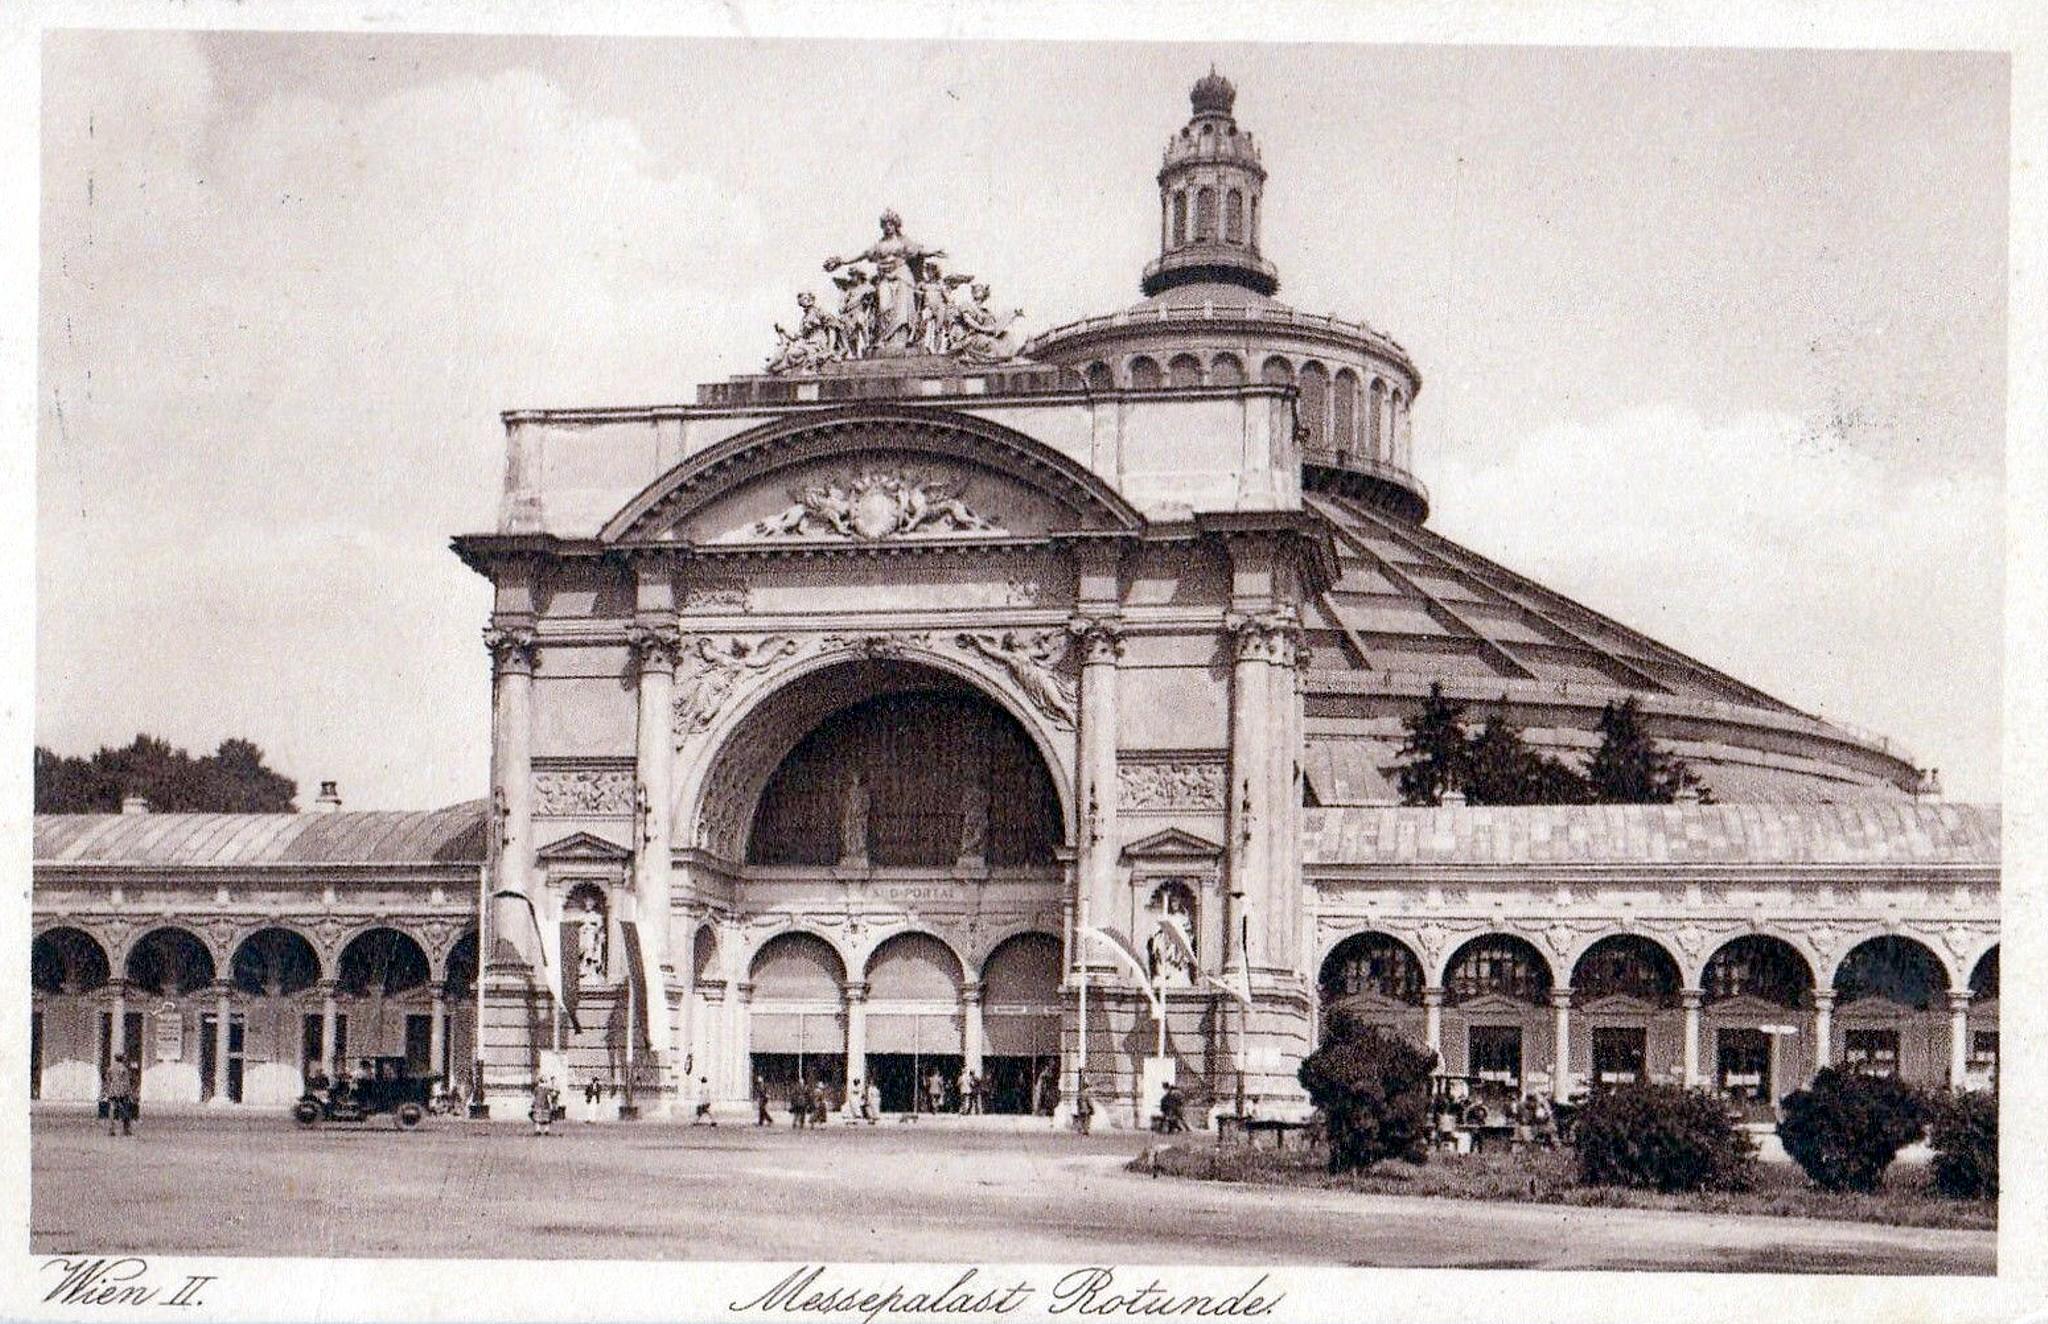 Wien 1920, Messepalast Rotunde